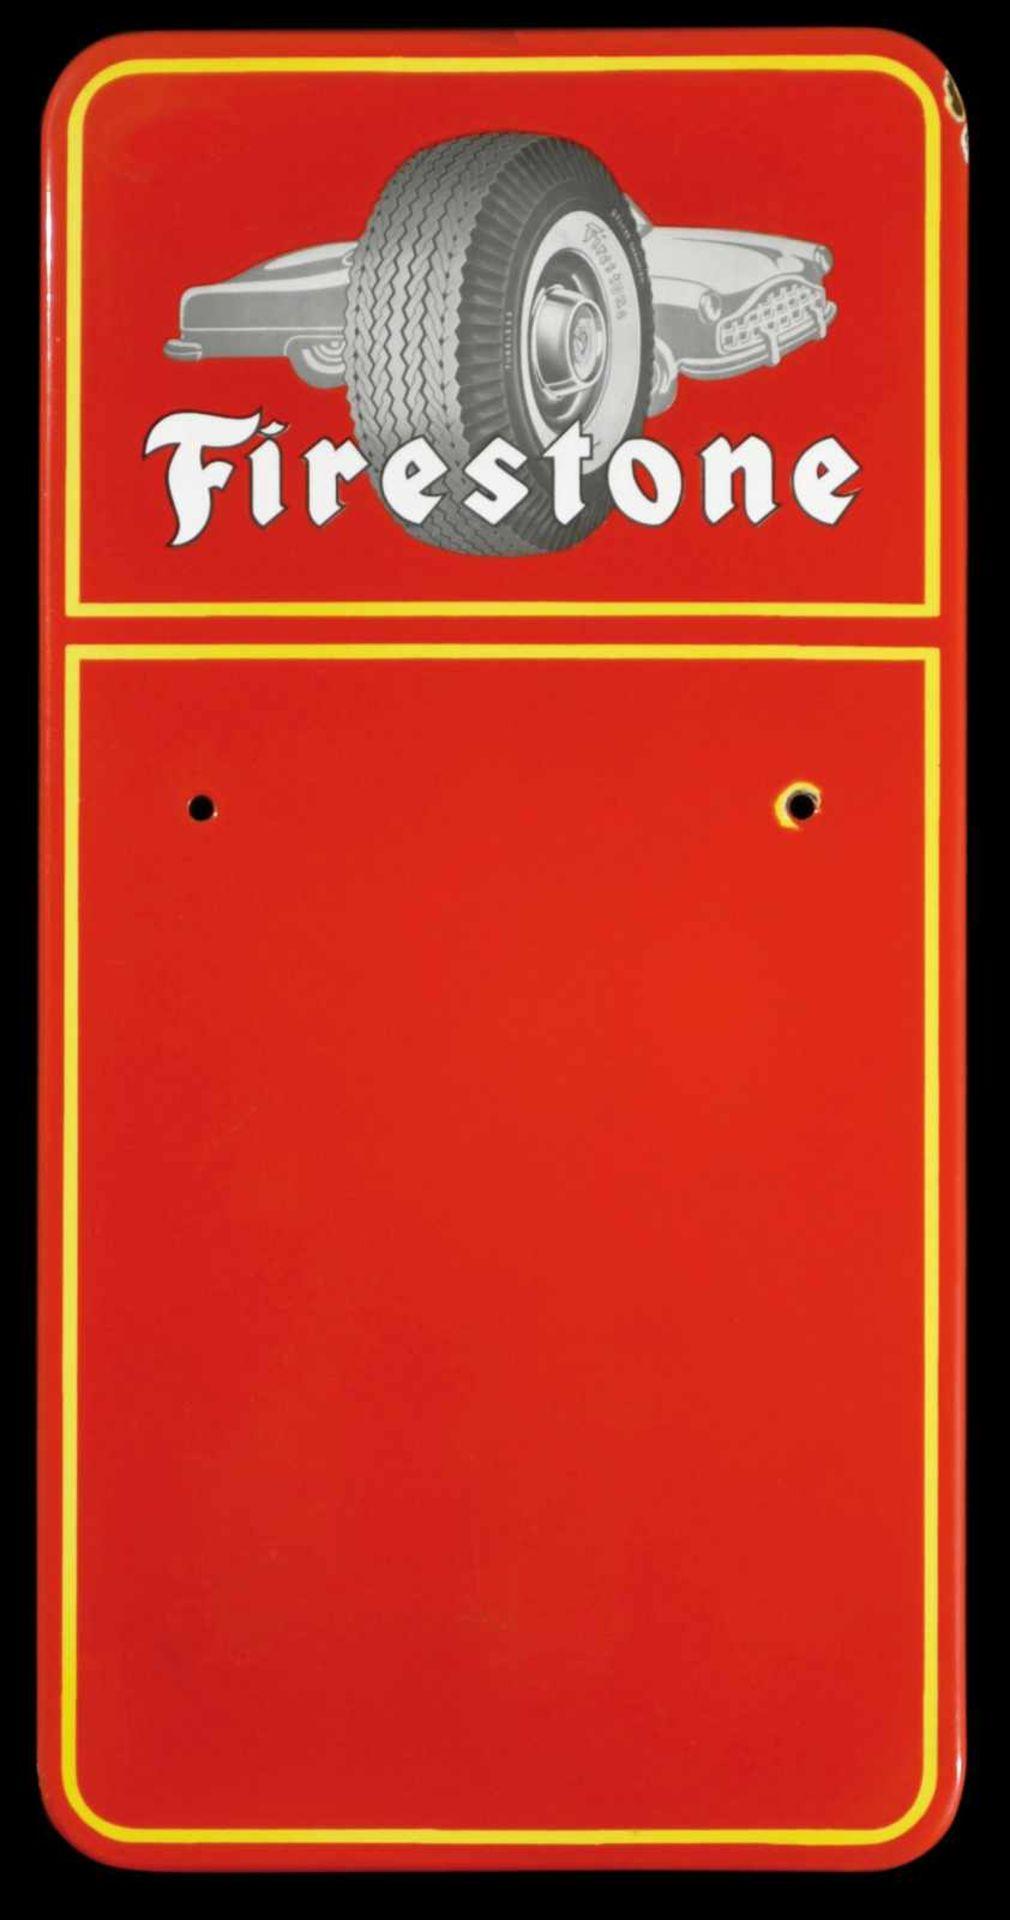 FIRESTONE (1-) Emailschild, abgekantet, schabloniert und lithographiert, 50er Jahre, 23 x 46 cm, die